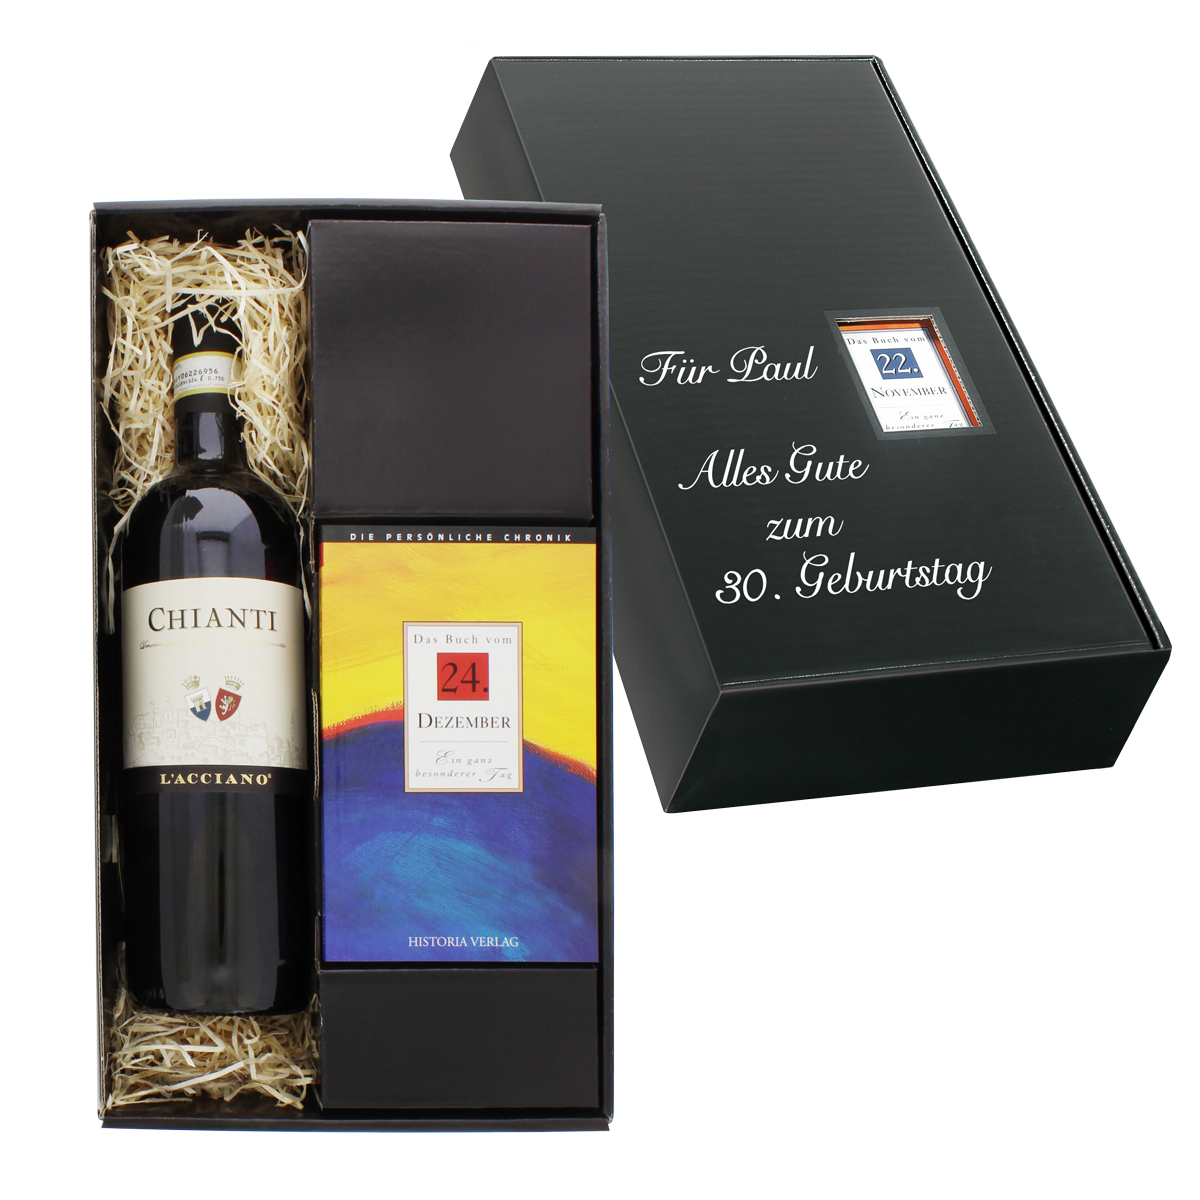 Italien-Set: Tageschronik vom 16. April & Chianti-Wein